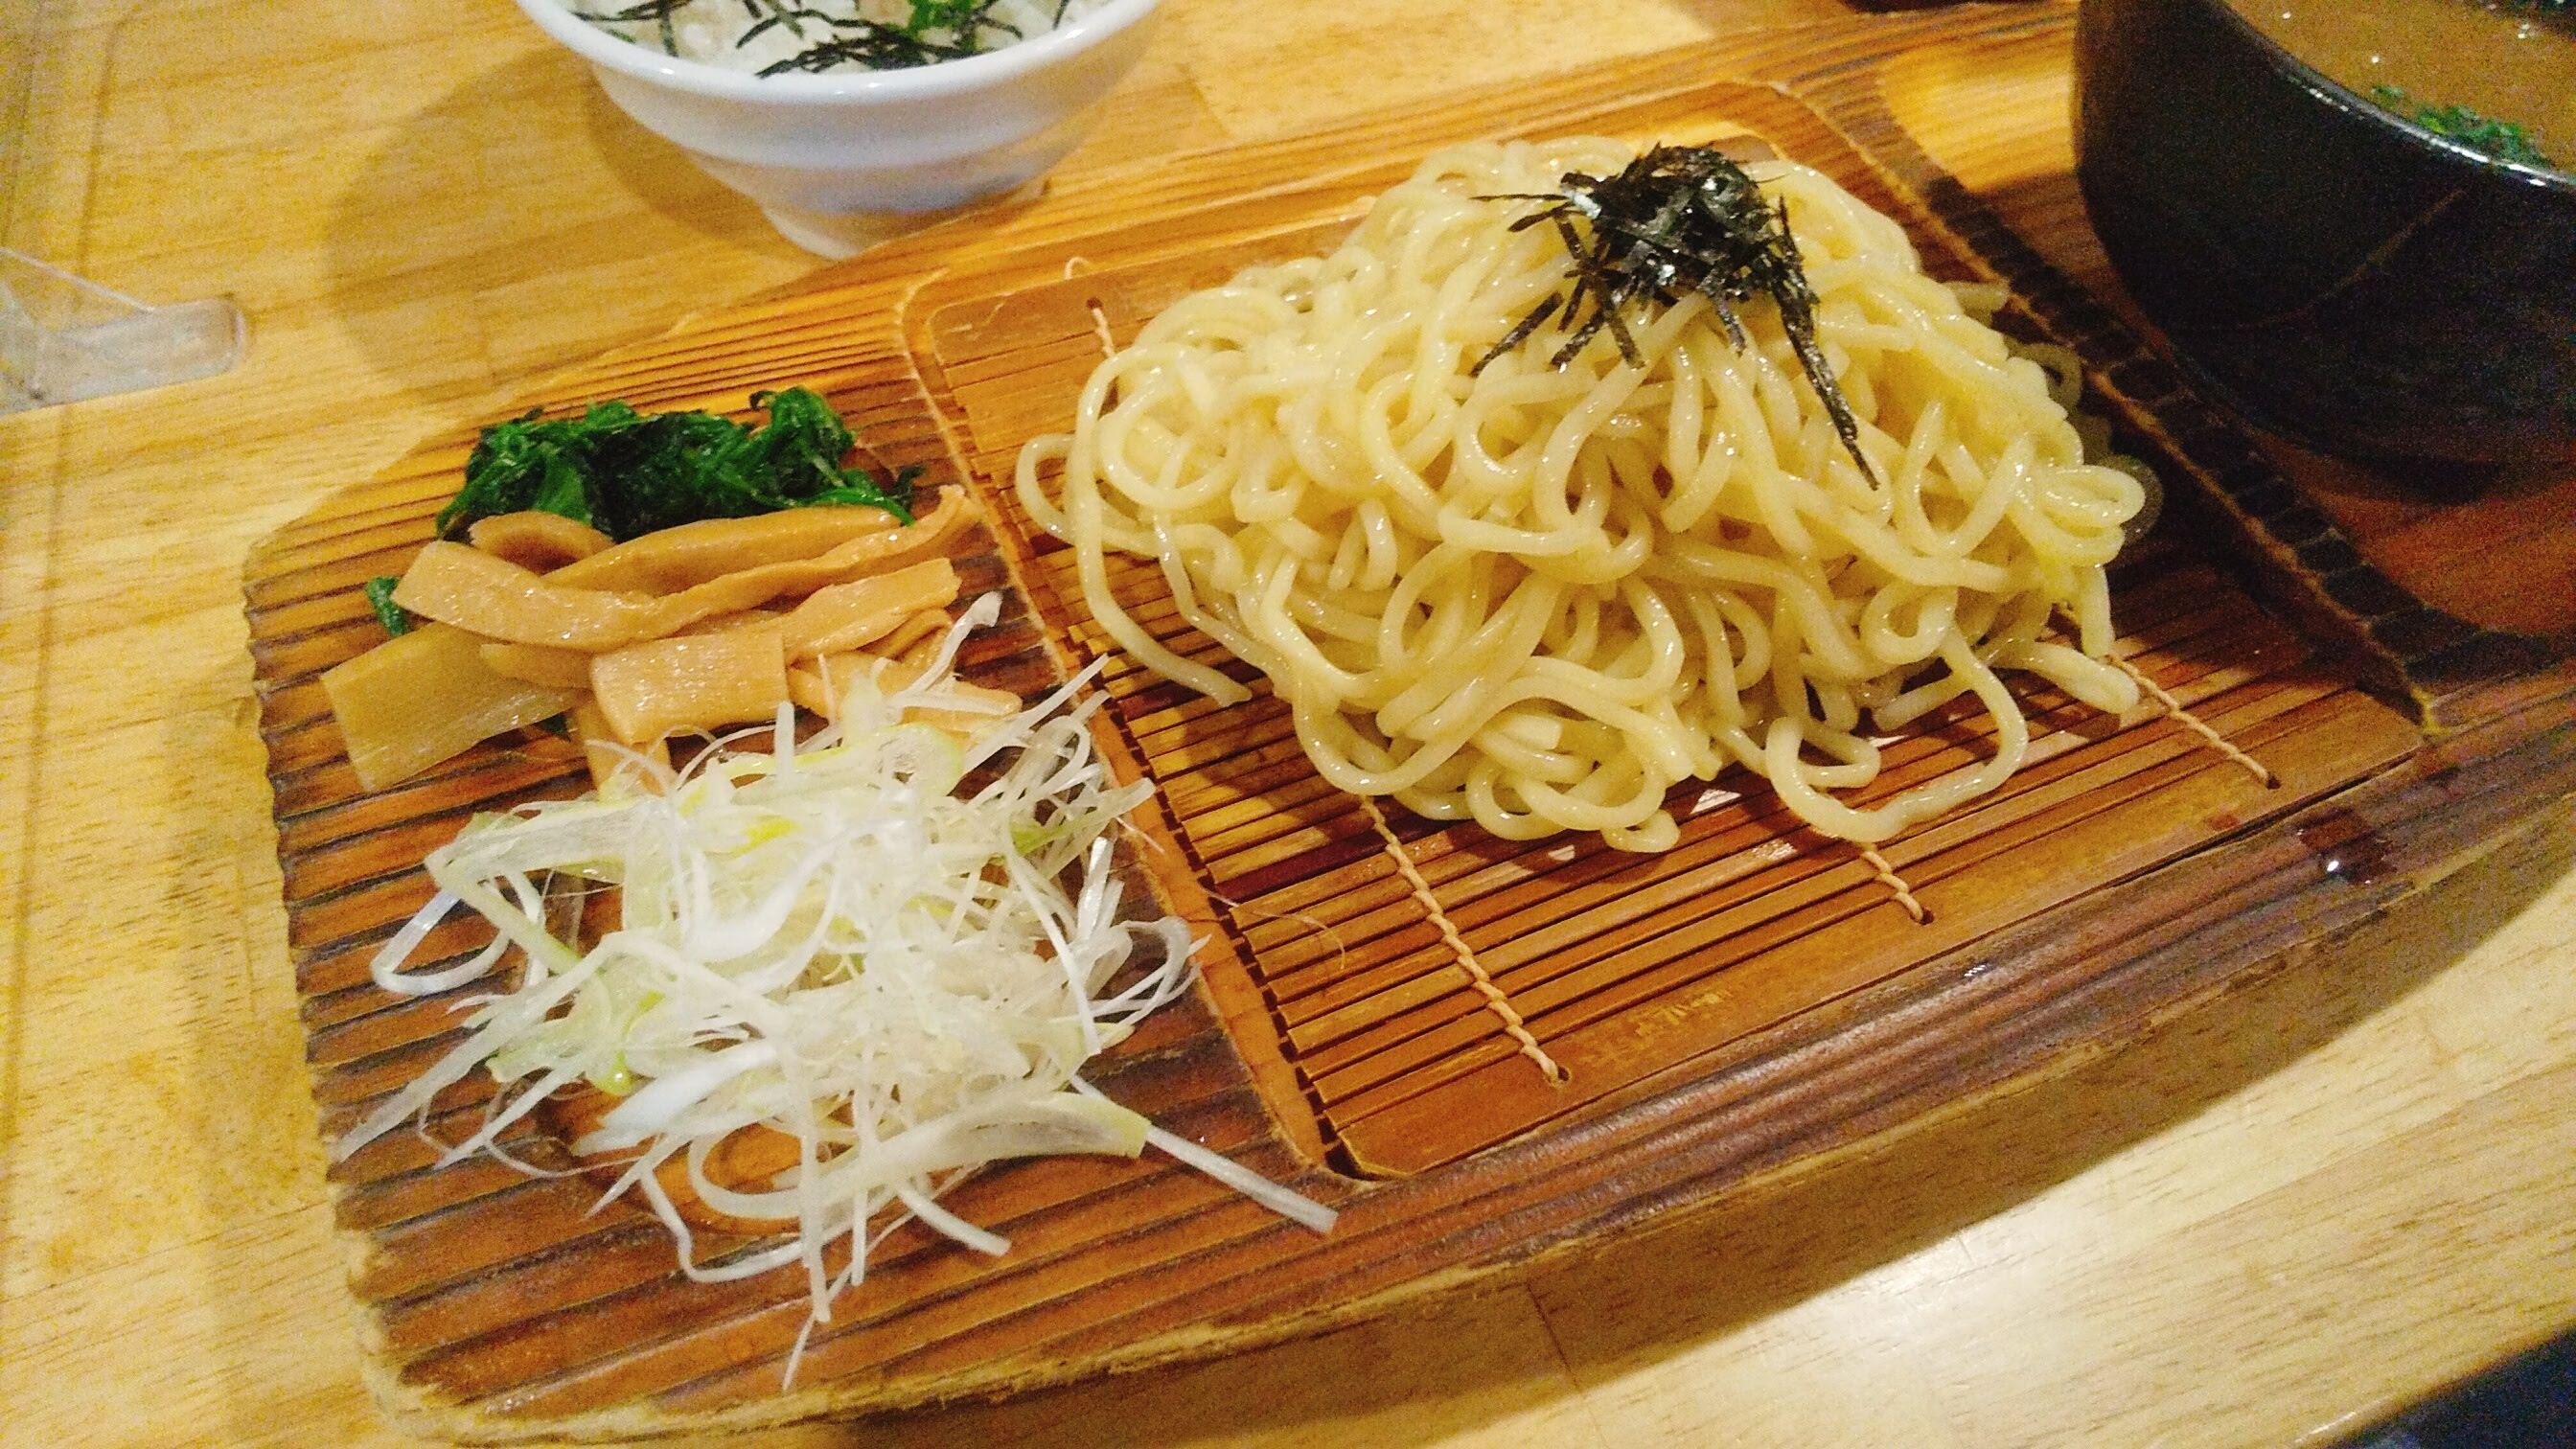 城南らーめん紫龍のつけ麺の麺皿の写真